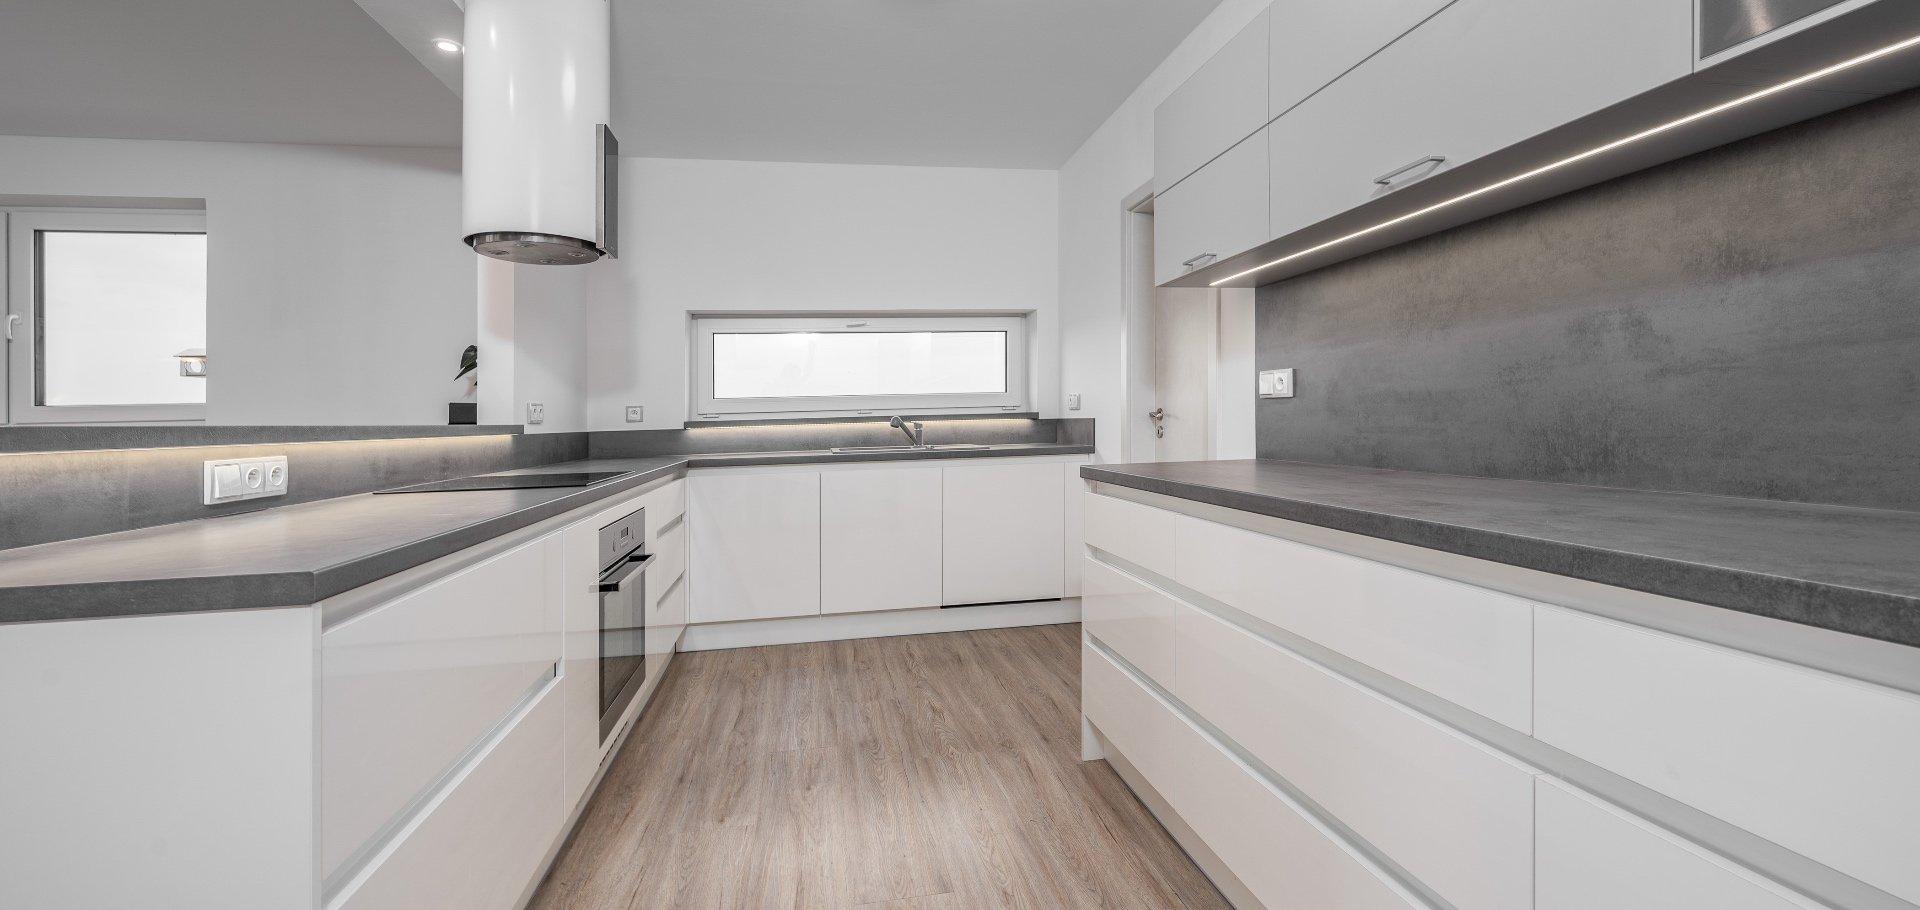 Prodej novostavby bungalovu 4+kk (+ technická místnost + šatna), Divišov - Dalovy